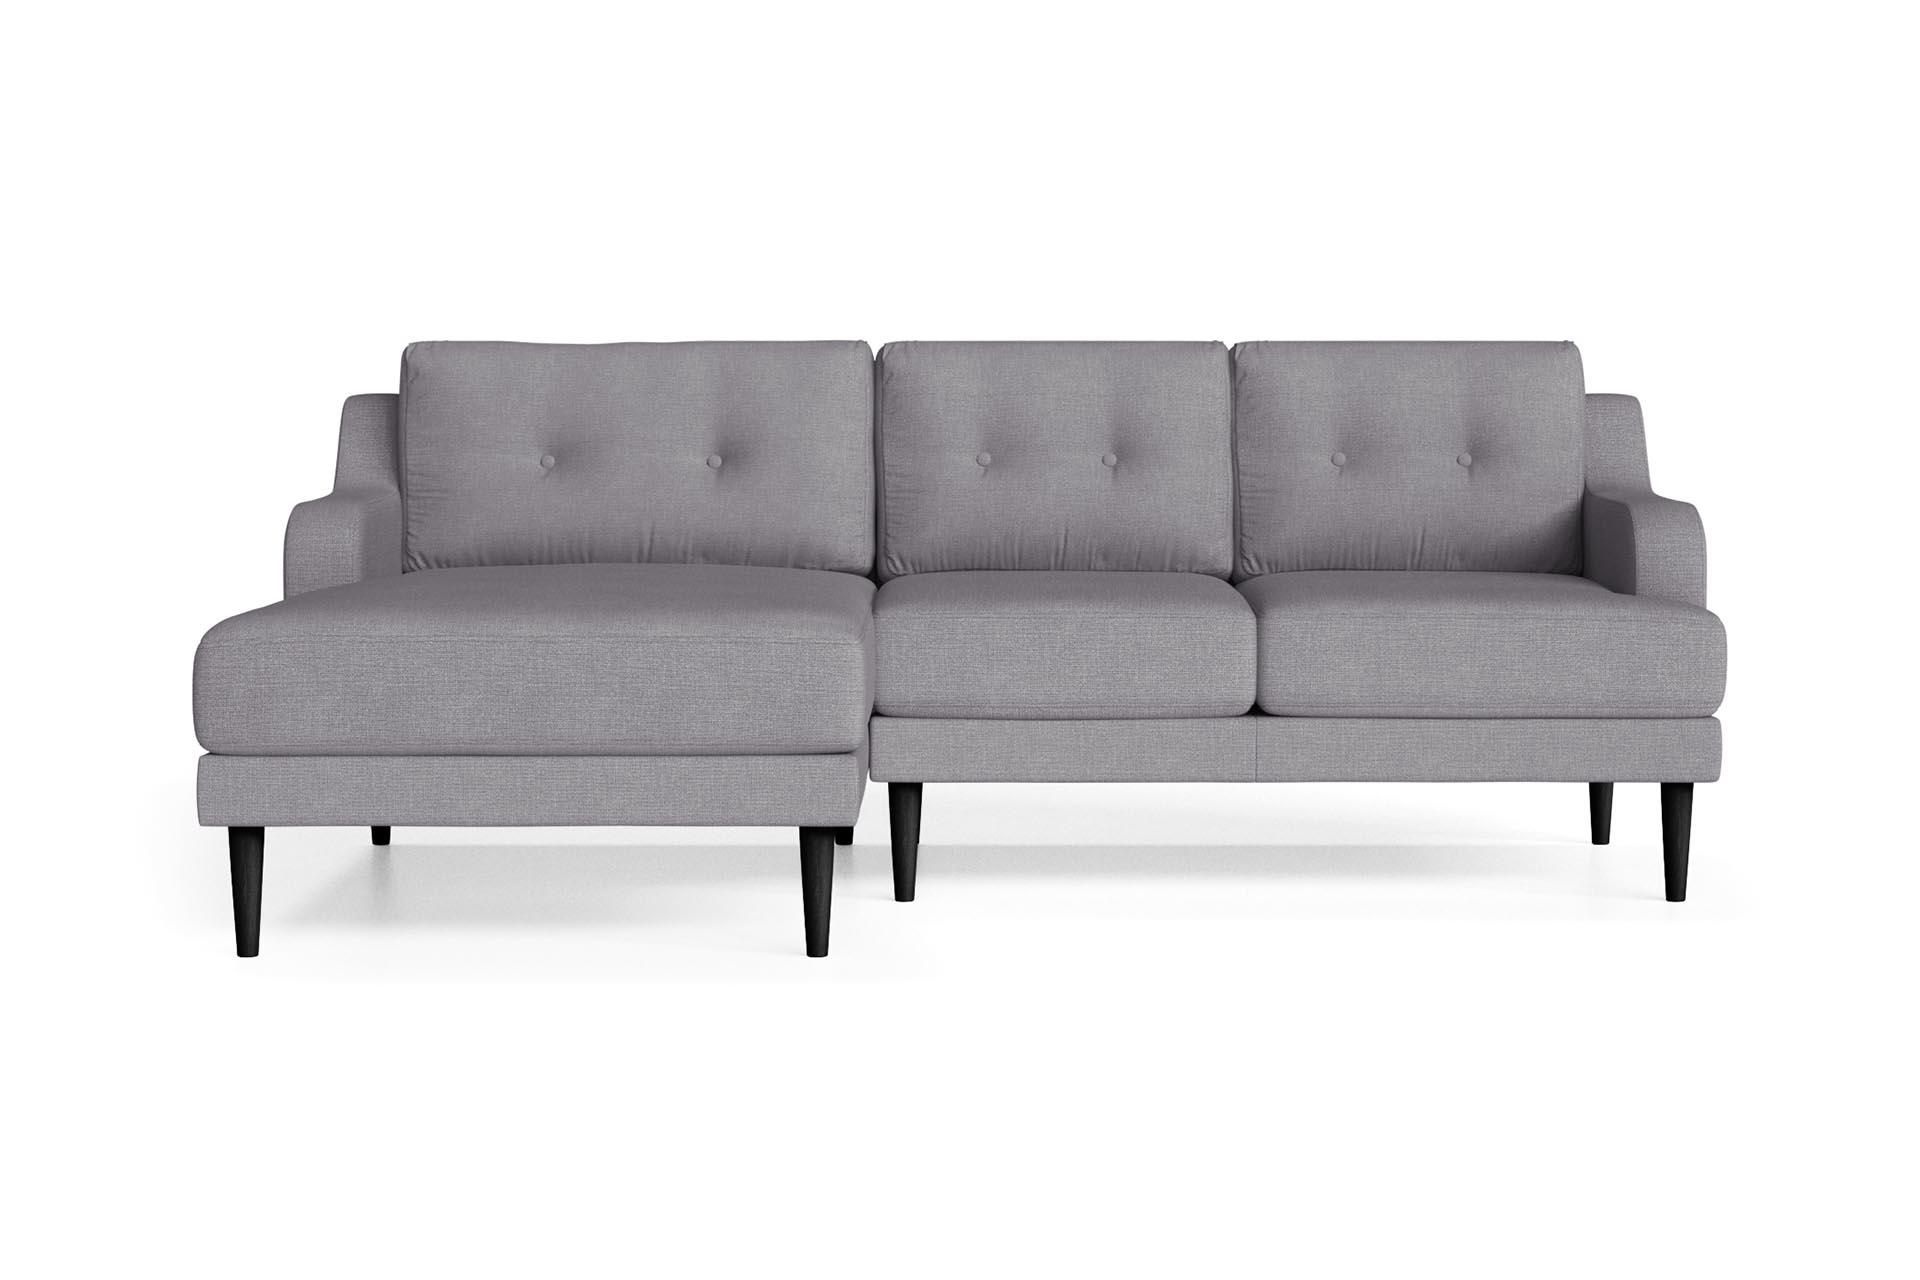 Canapé d'angle 4 places Gris Contemporain Confort